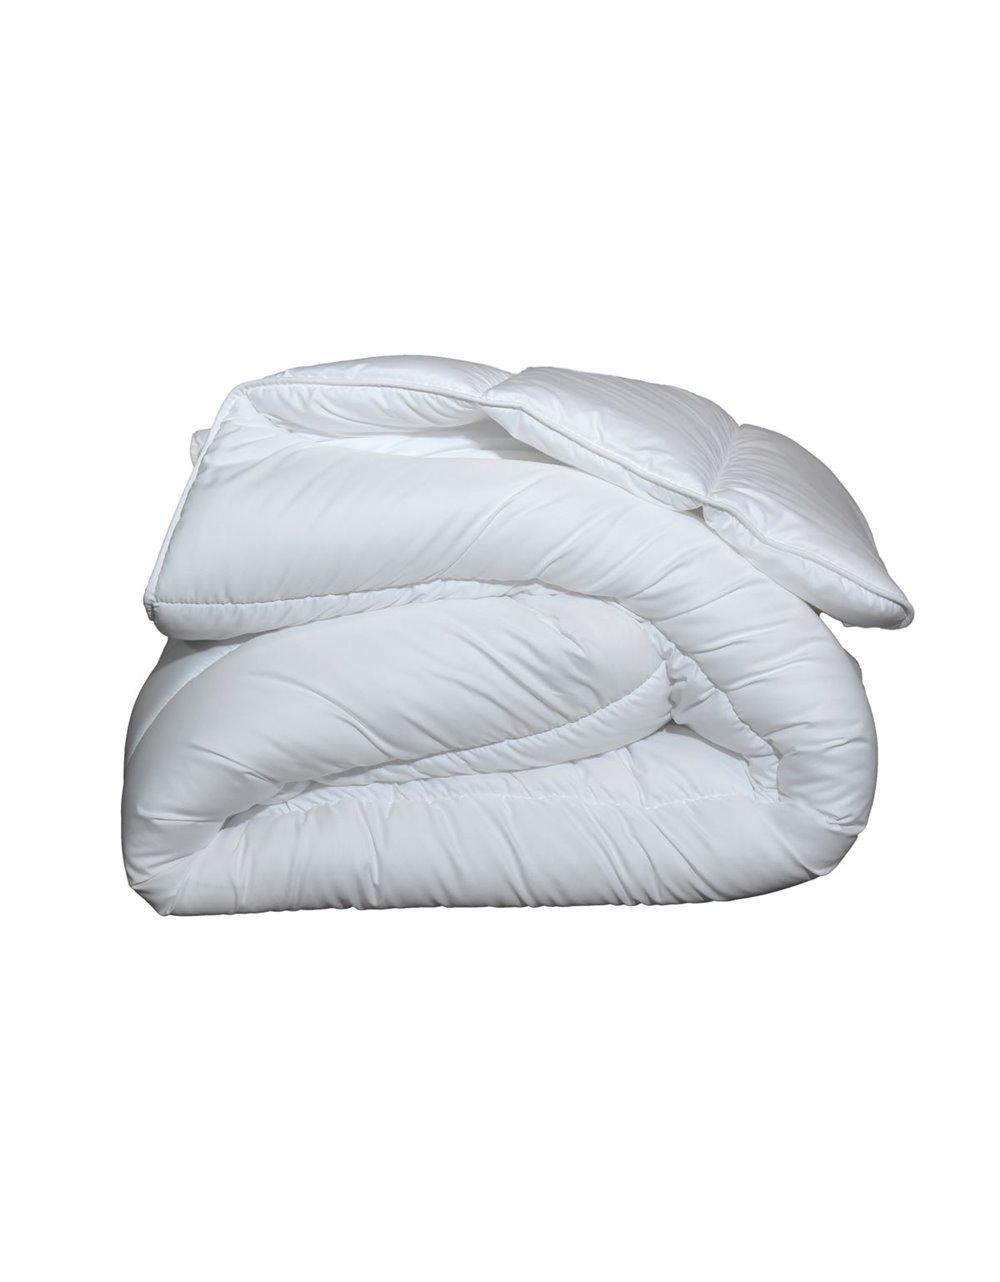 Couette naturelle  chaude  90% duve Blanc 140x200 cm